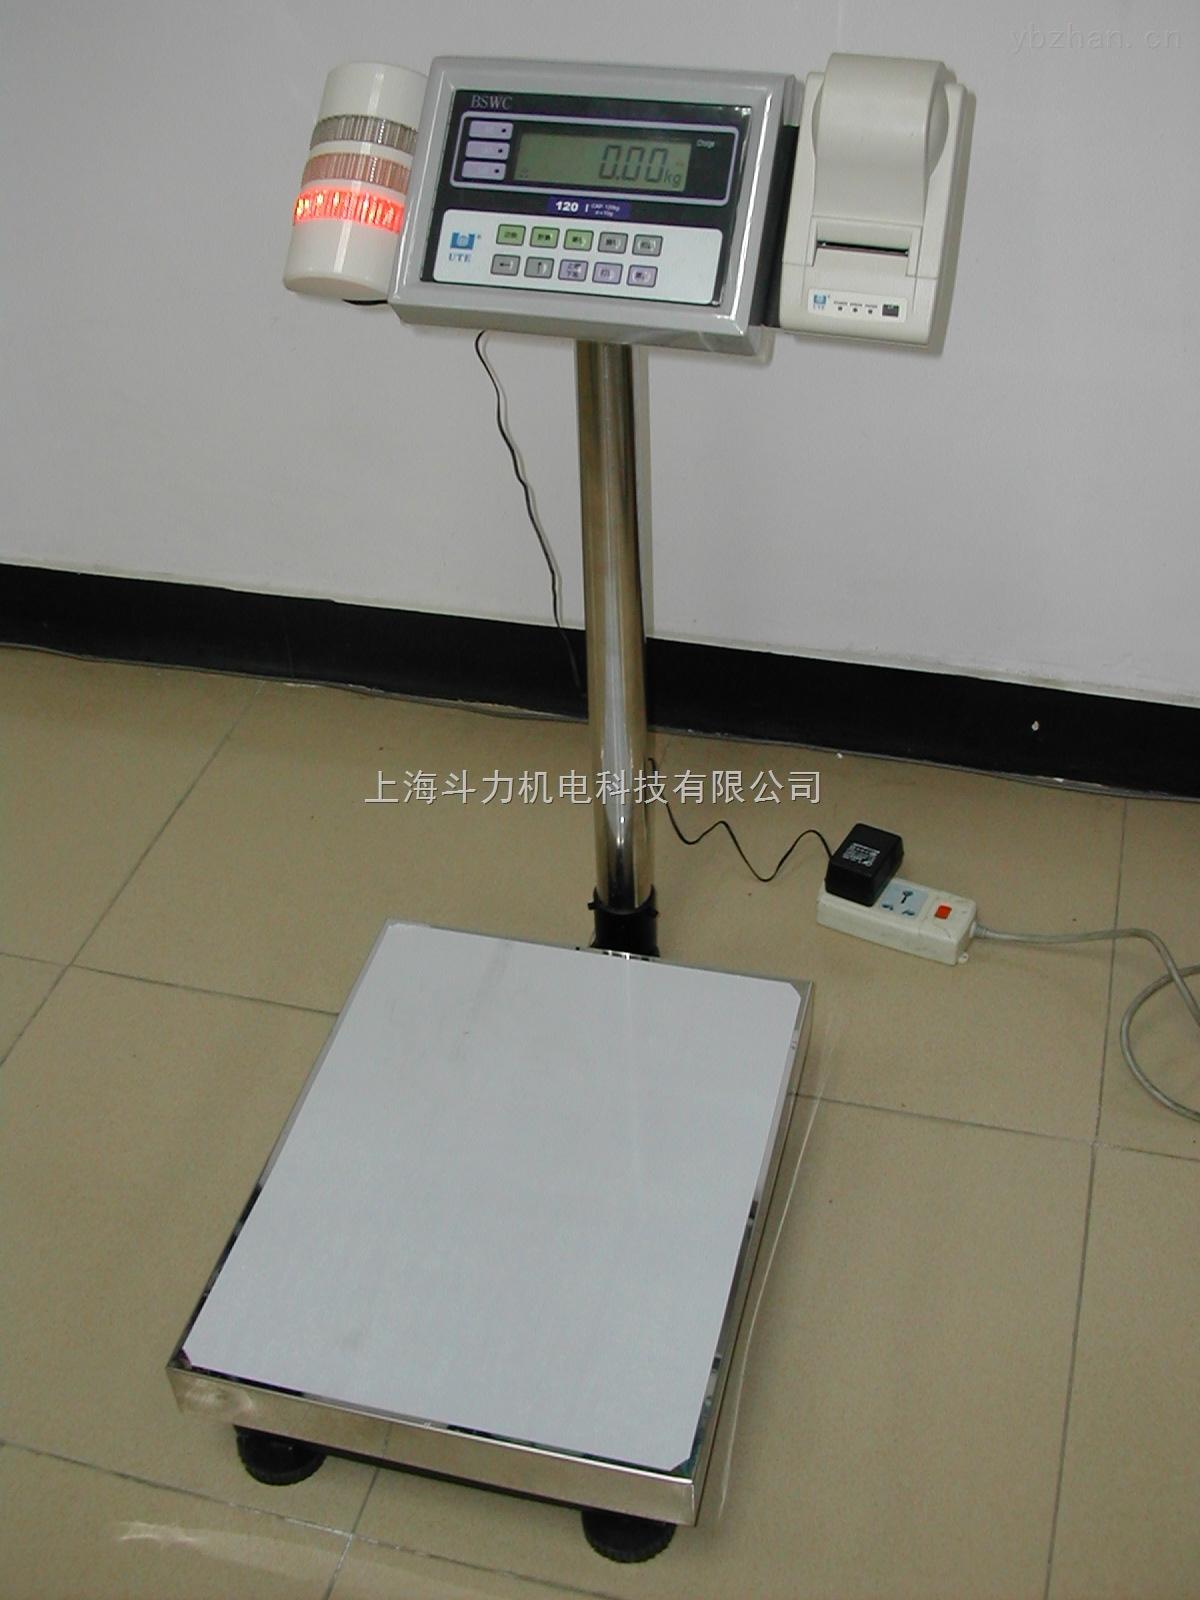 無線臺秤-中通快遞專用100公斤快遞藍牙電子臺秤廠家直銷